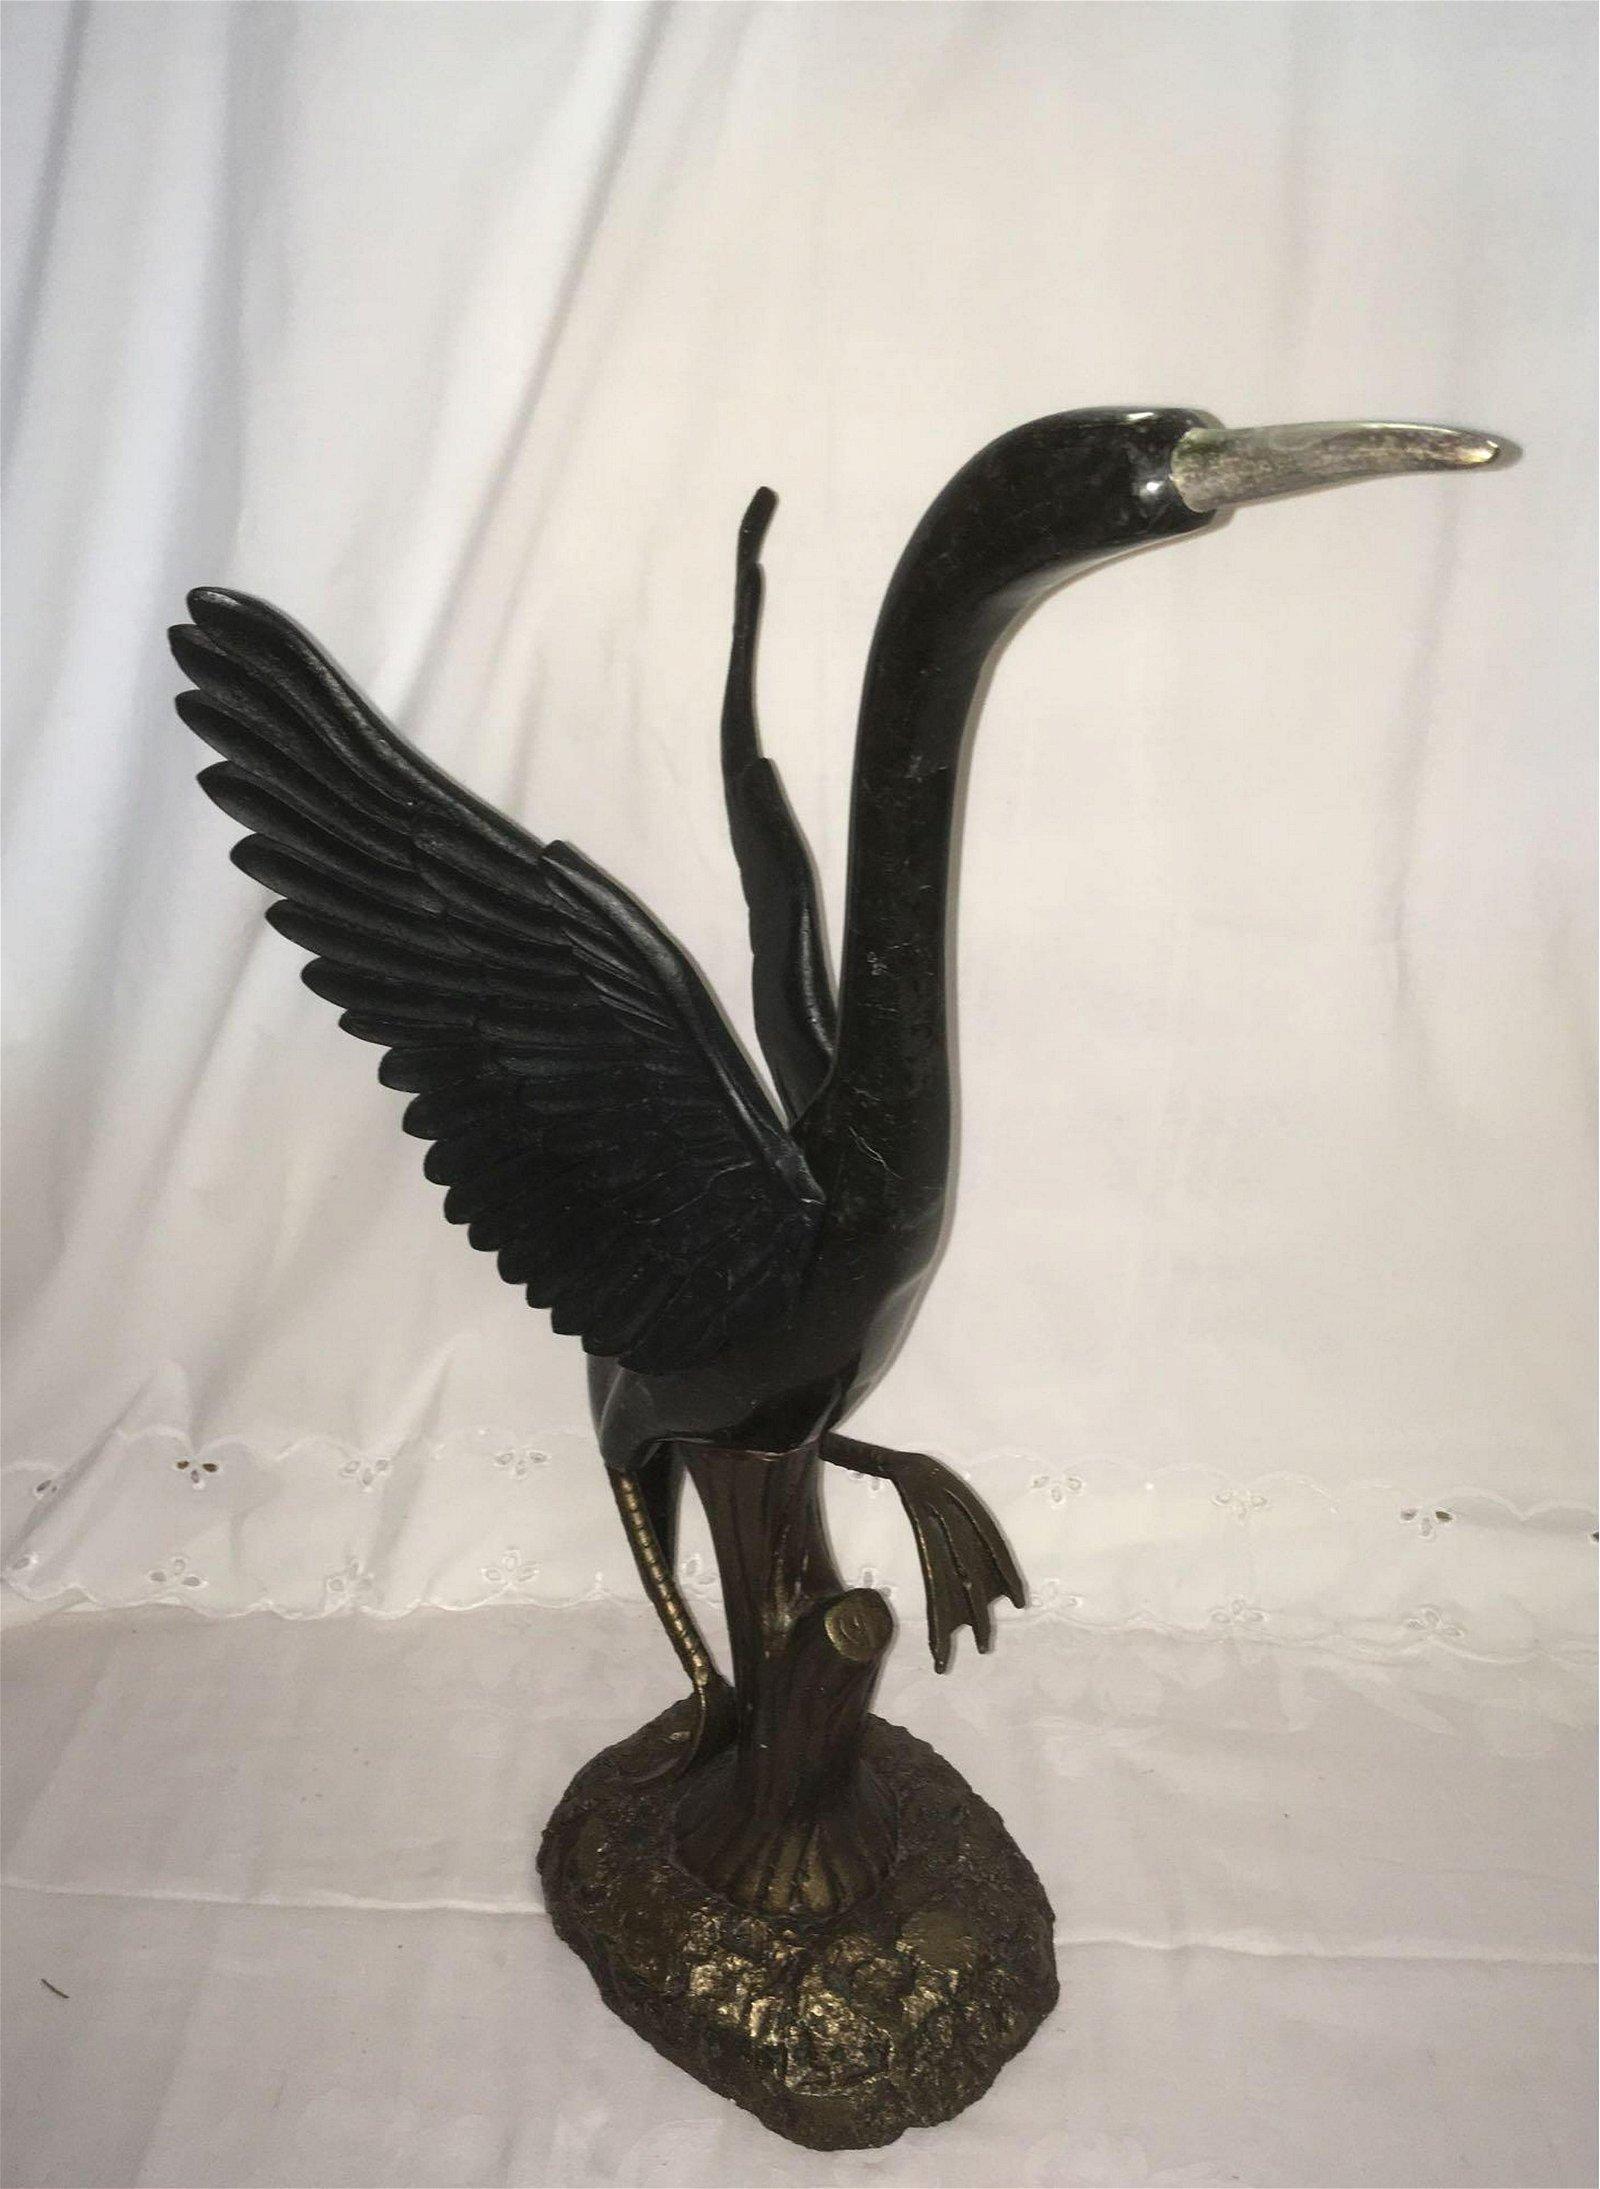 Vintage Imported Art Nouveau Style Statue